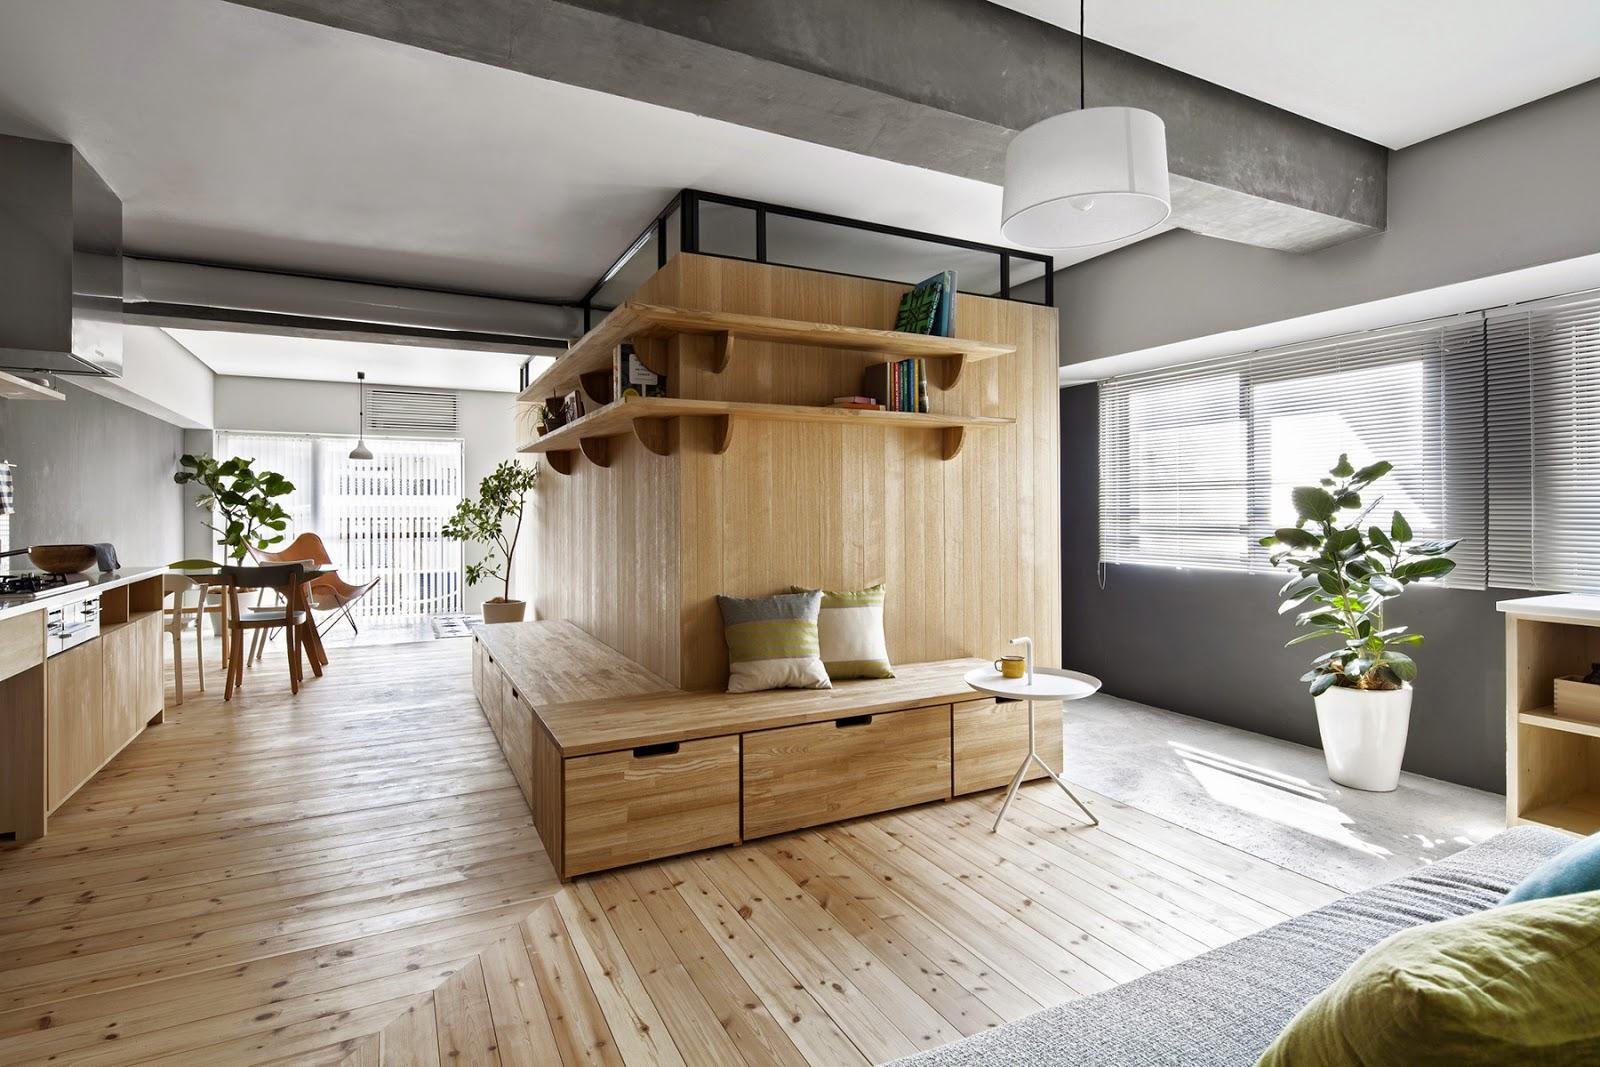 Die wohngalerie minimalistisch japanisch for Minimalistische wohnungseinrichtung